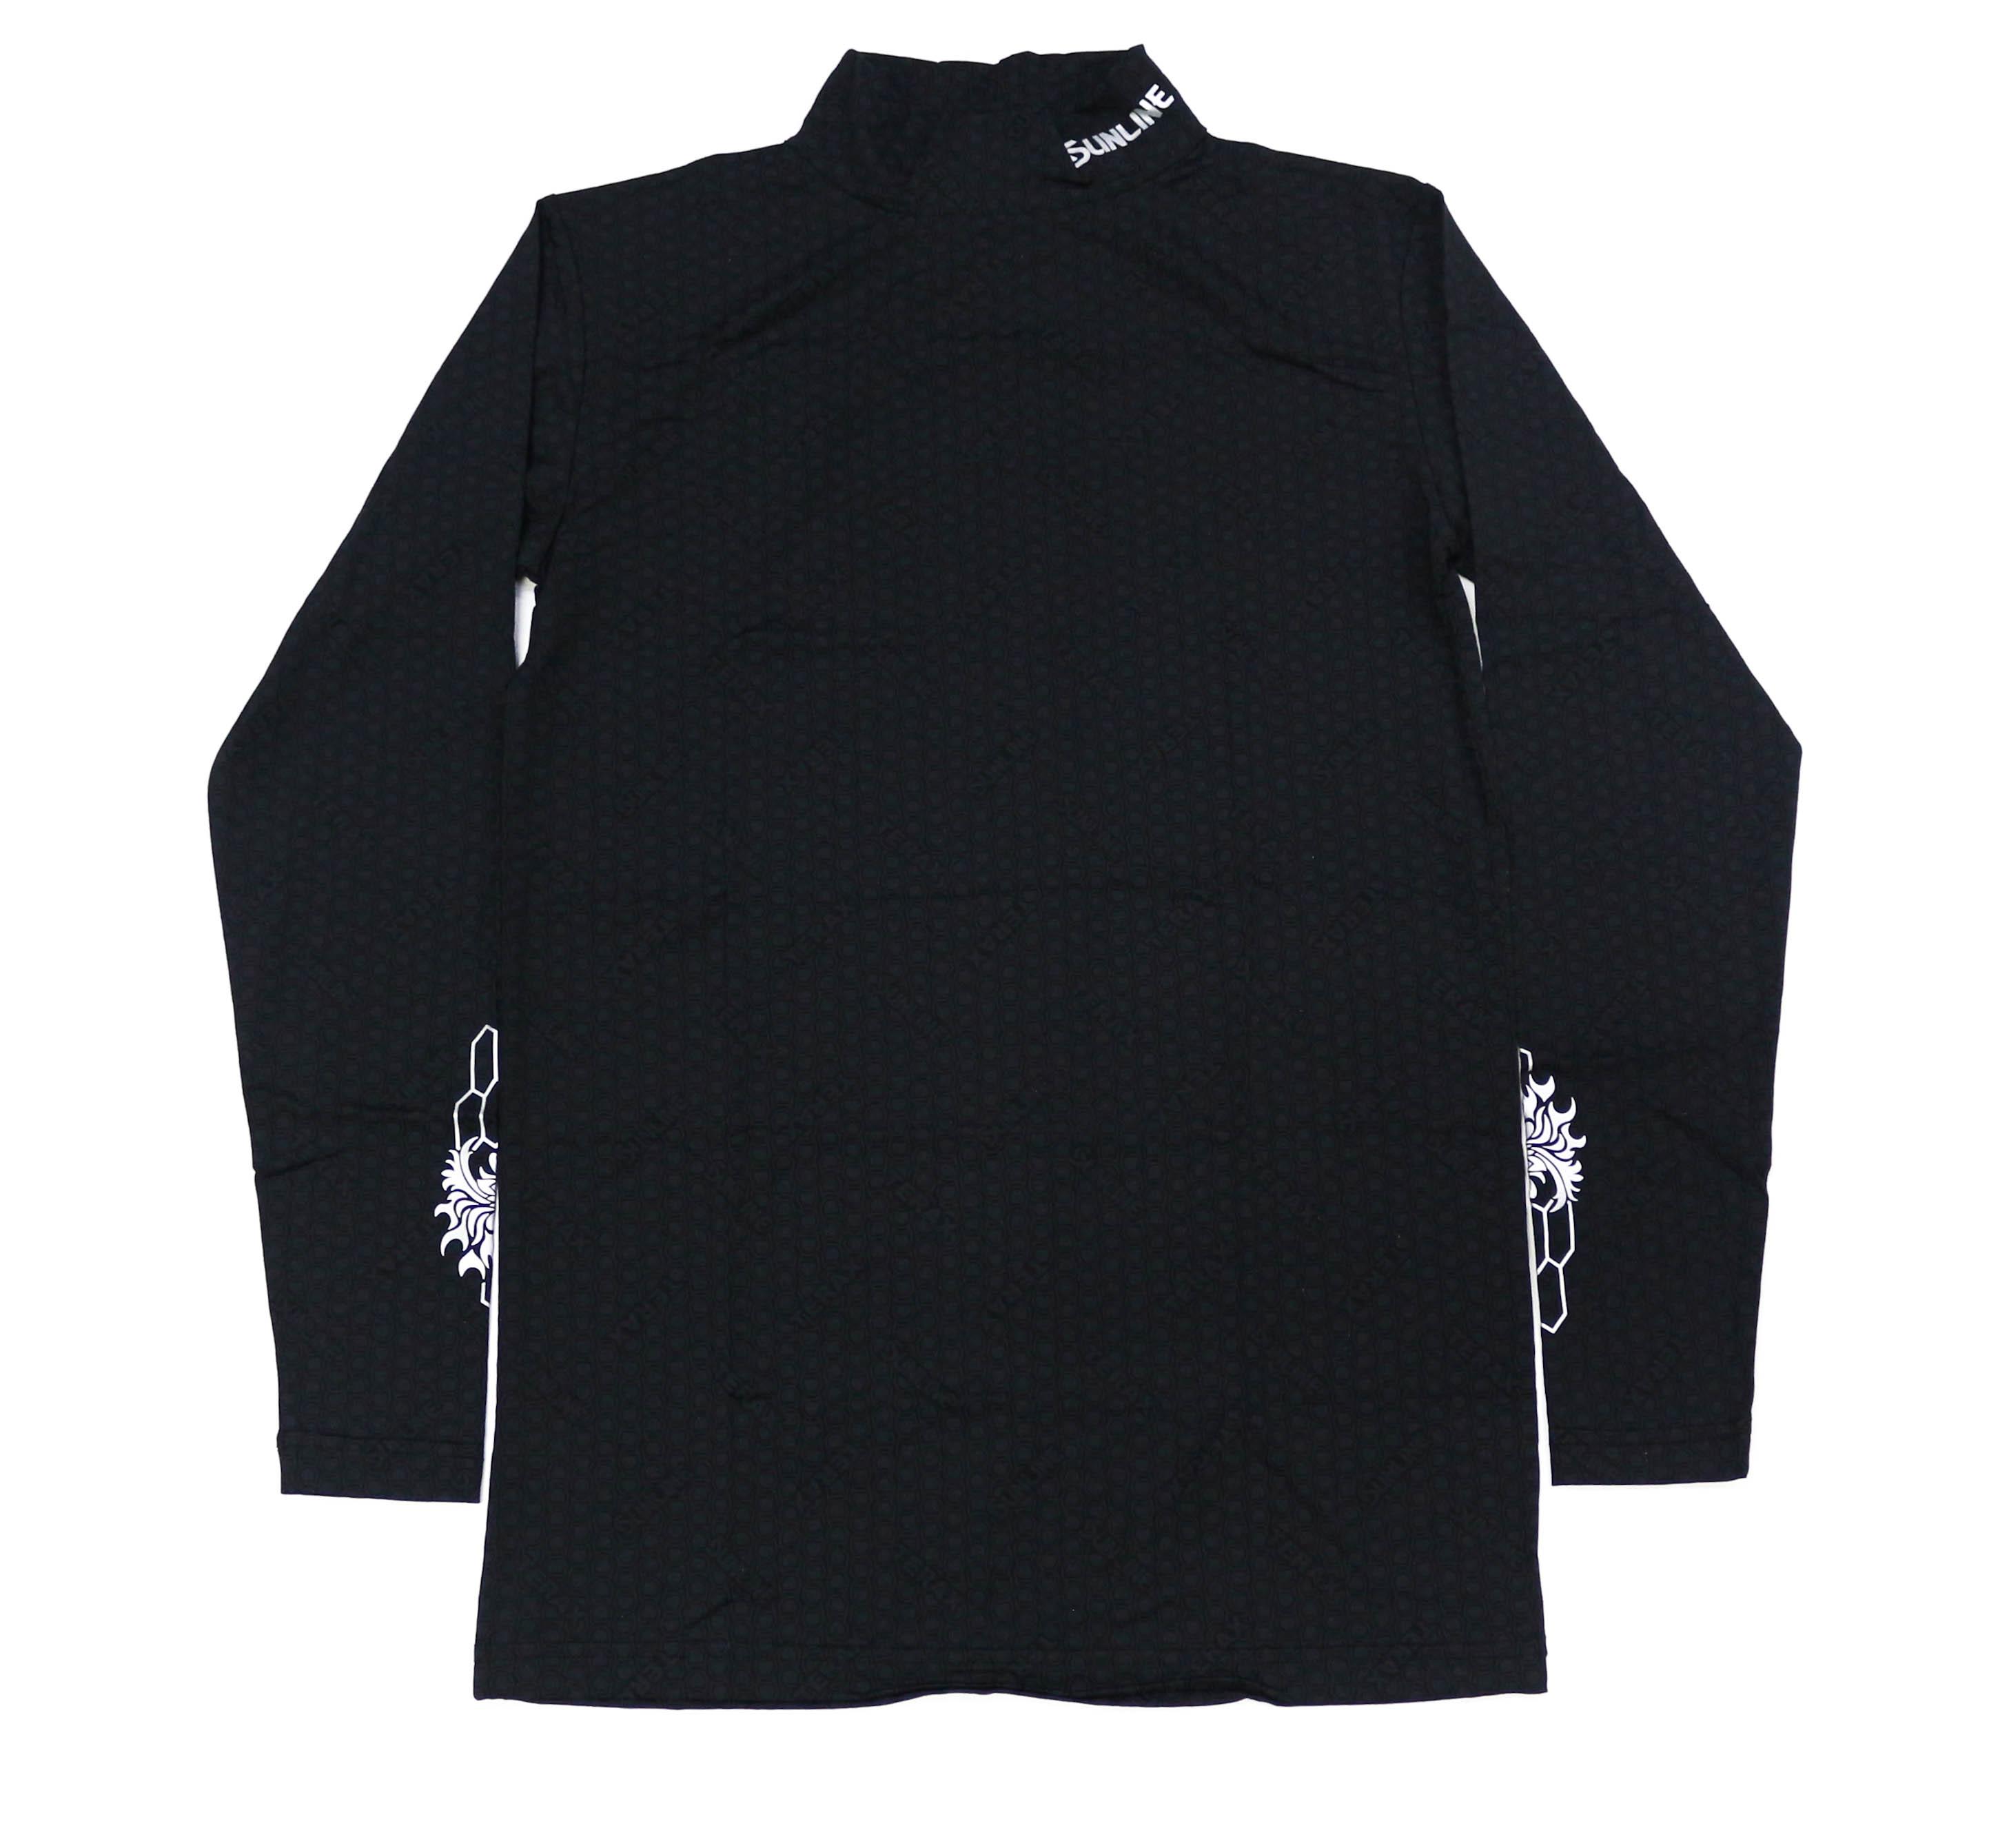 Sunline SUW-5535CW Undershirt Terax Cool Black Size 3L (2440)